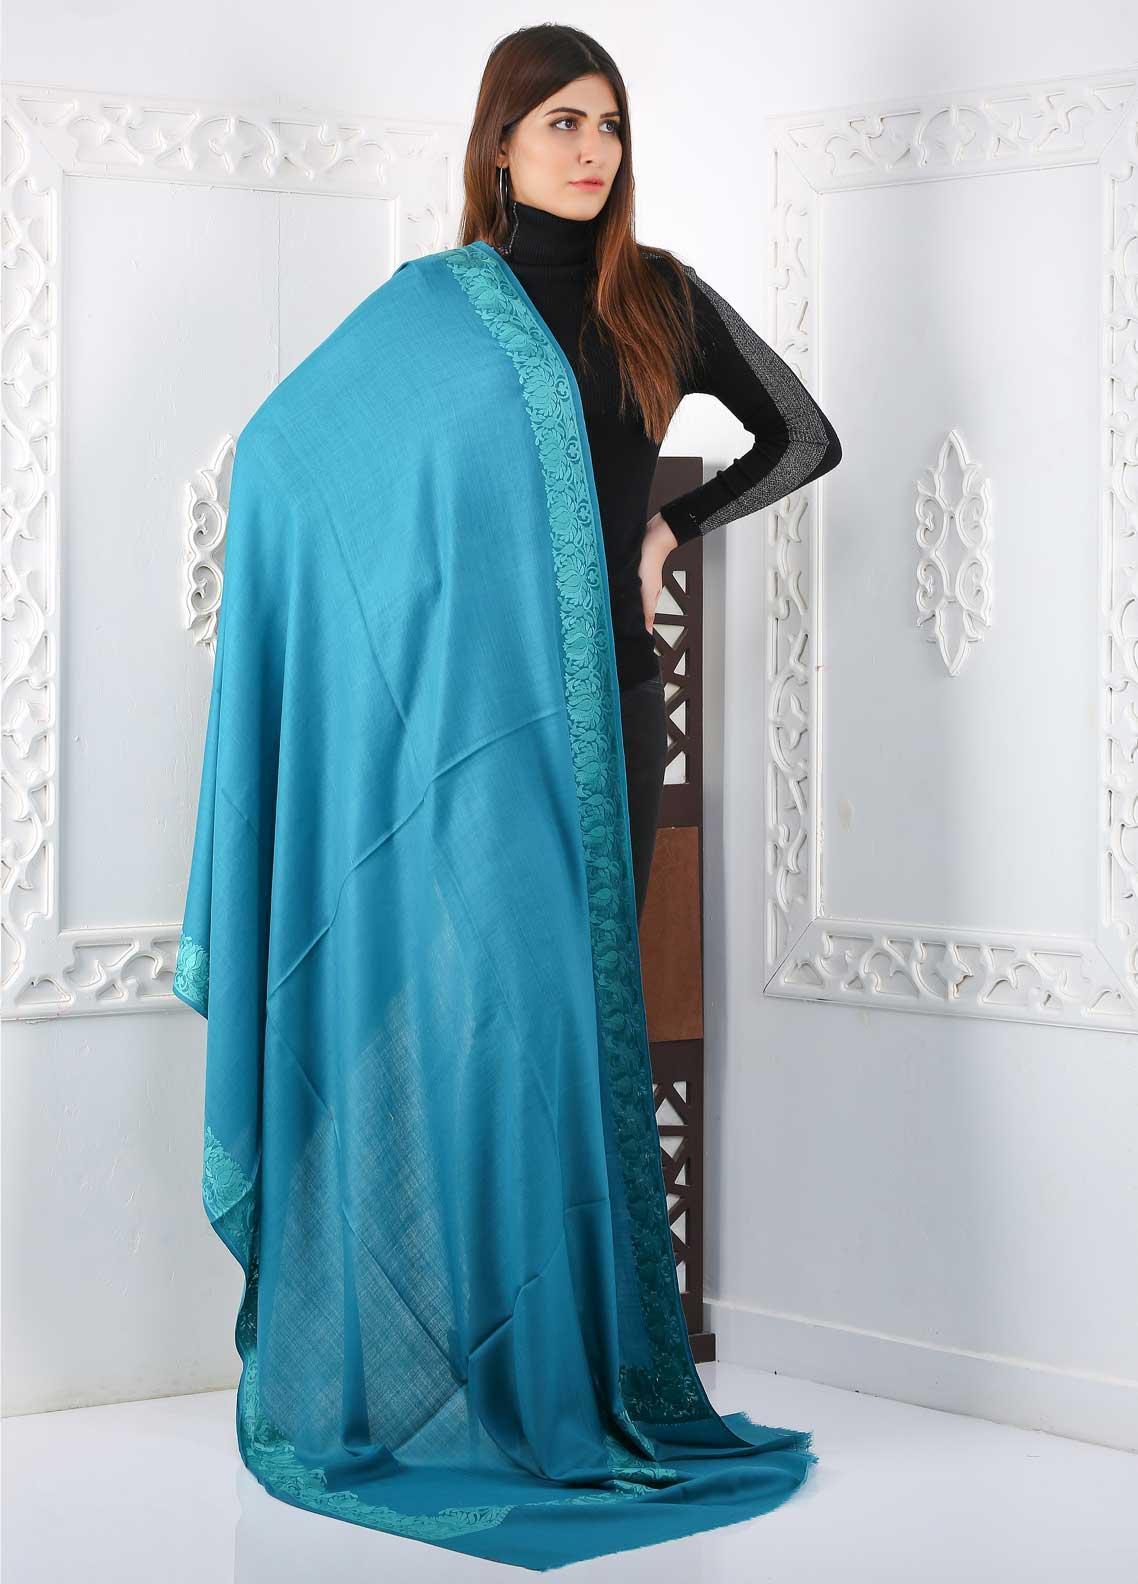 Sanaulla Exclusive Range Embroidered Pashmina  Shawl Shawl 323486 - Pashmina Shawls